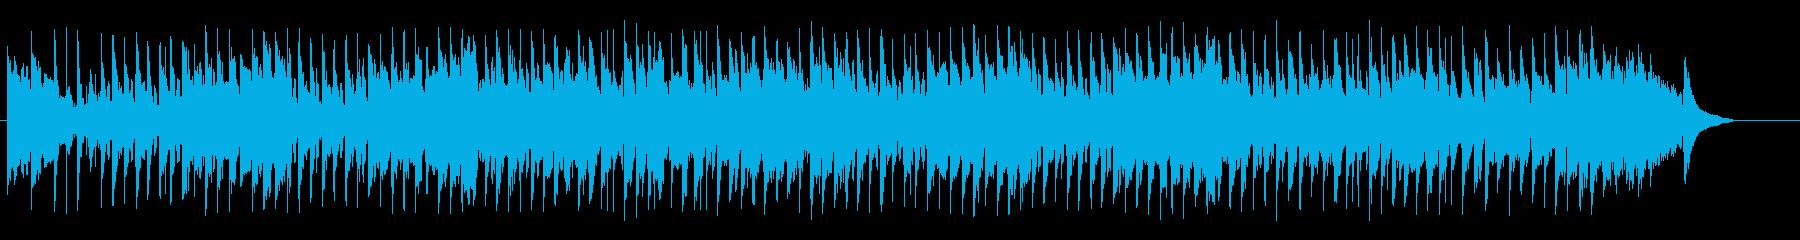 ジプシー風ワールド系マイナーBGMの再生済みの波形